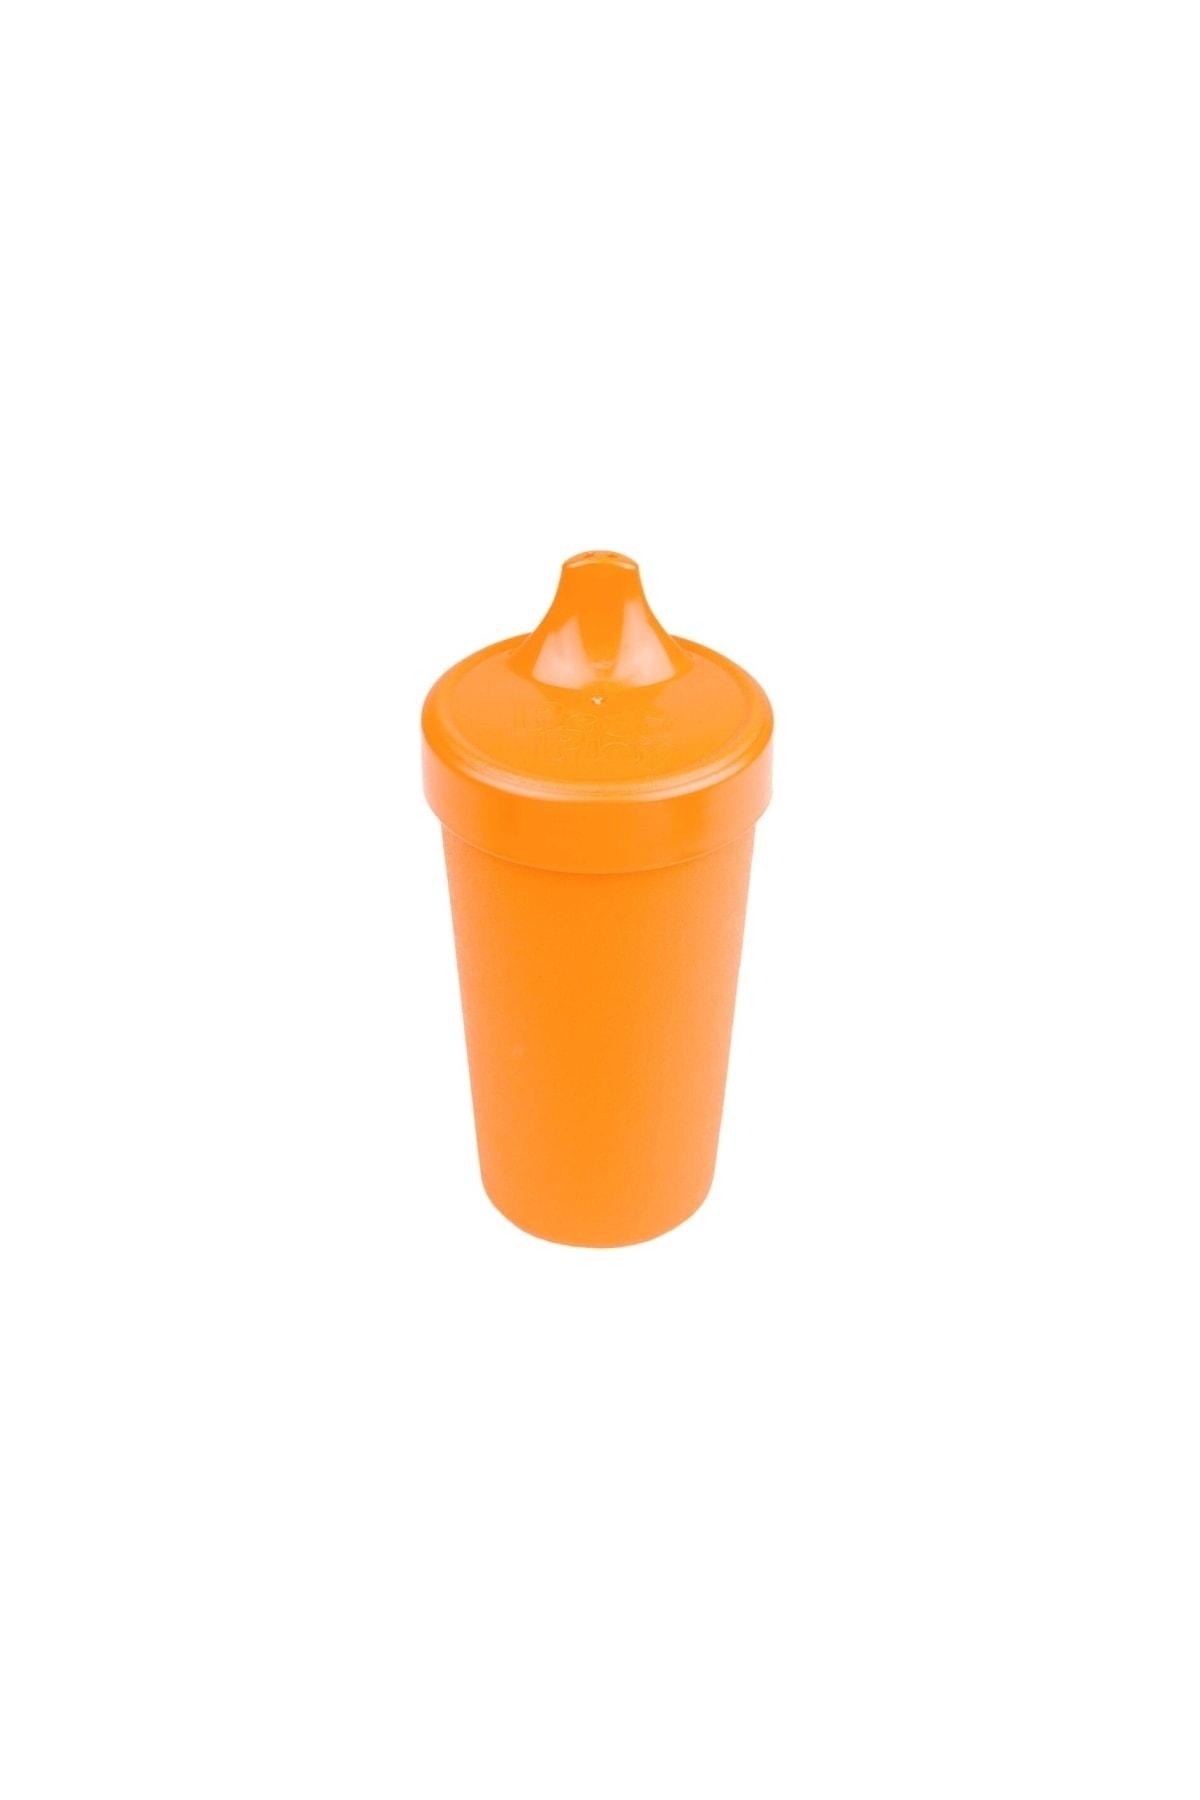 Replay Unisex Turuncu Akıtmaz Alıştırma Bardağı 1